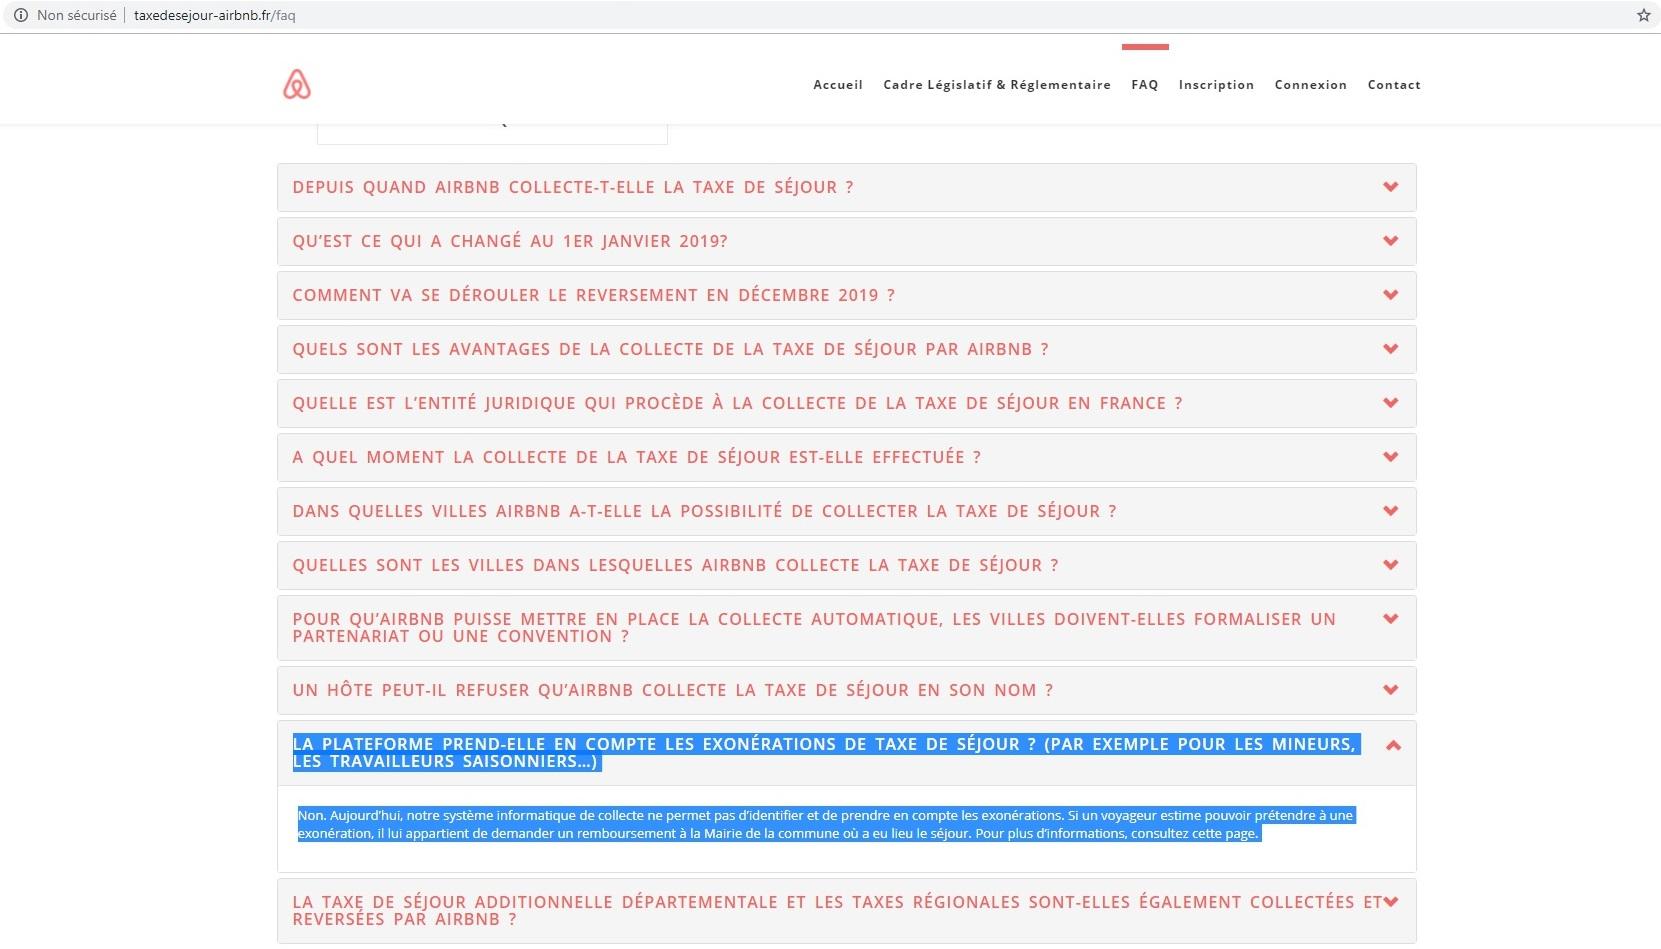 Airbnb ne serait pas en mesure de prendre en compte les exemptions lors du calcul et la collecte de la taxe de séjour - Capture écran du site taxedesejour-airbnb